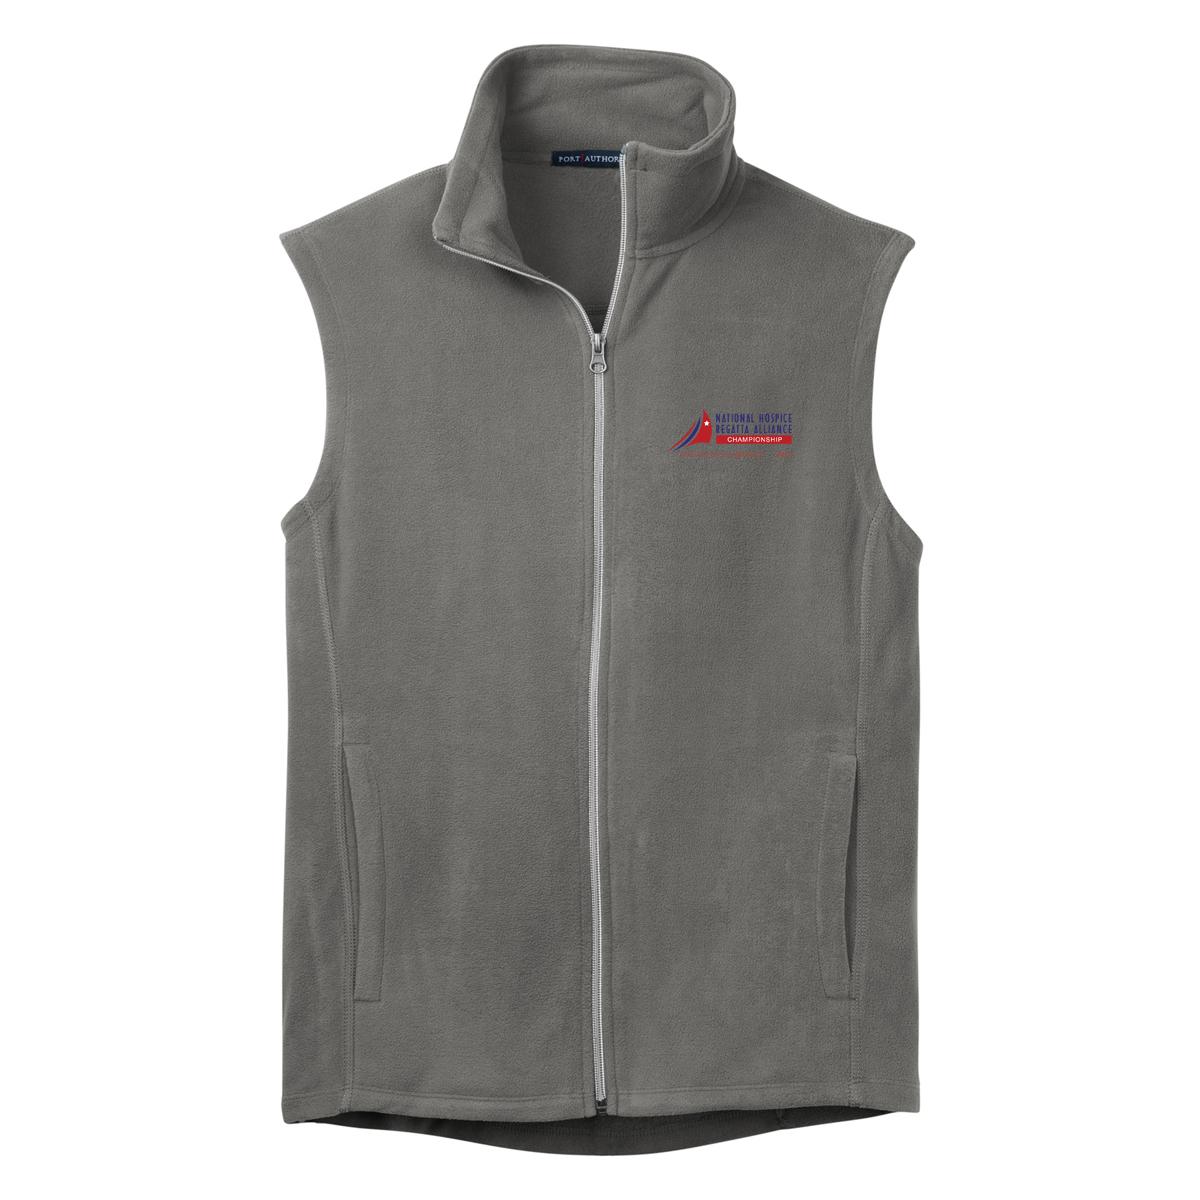 Hospice Regatta Championship 2019 - Men's Fleece Vest